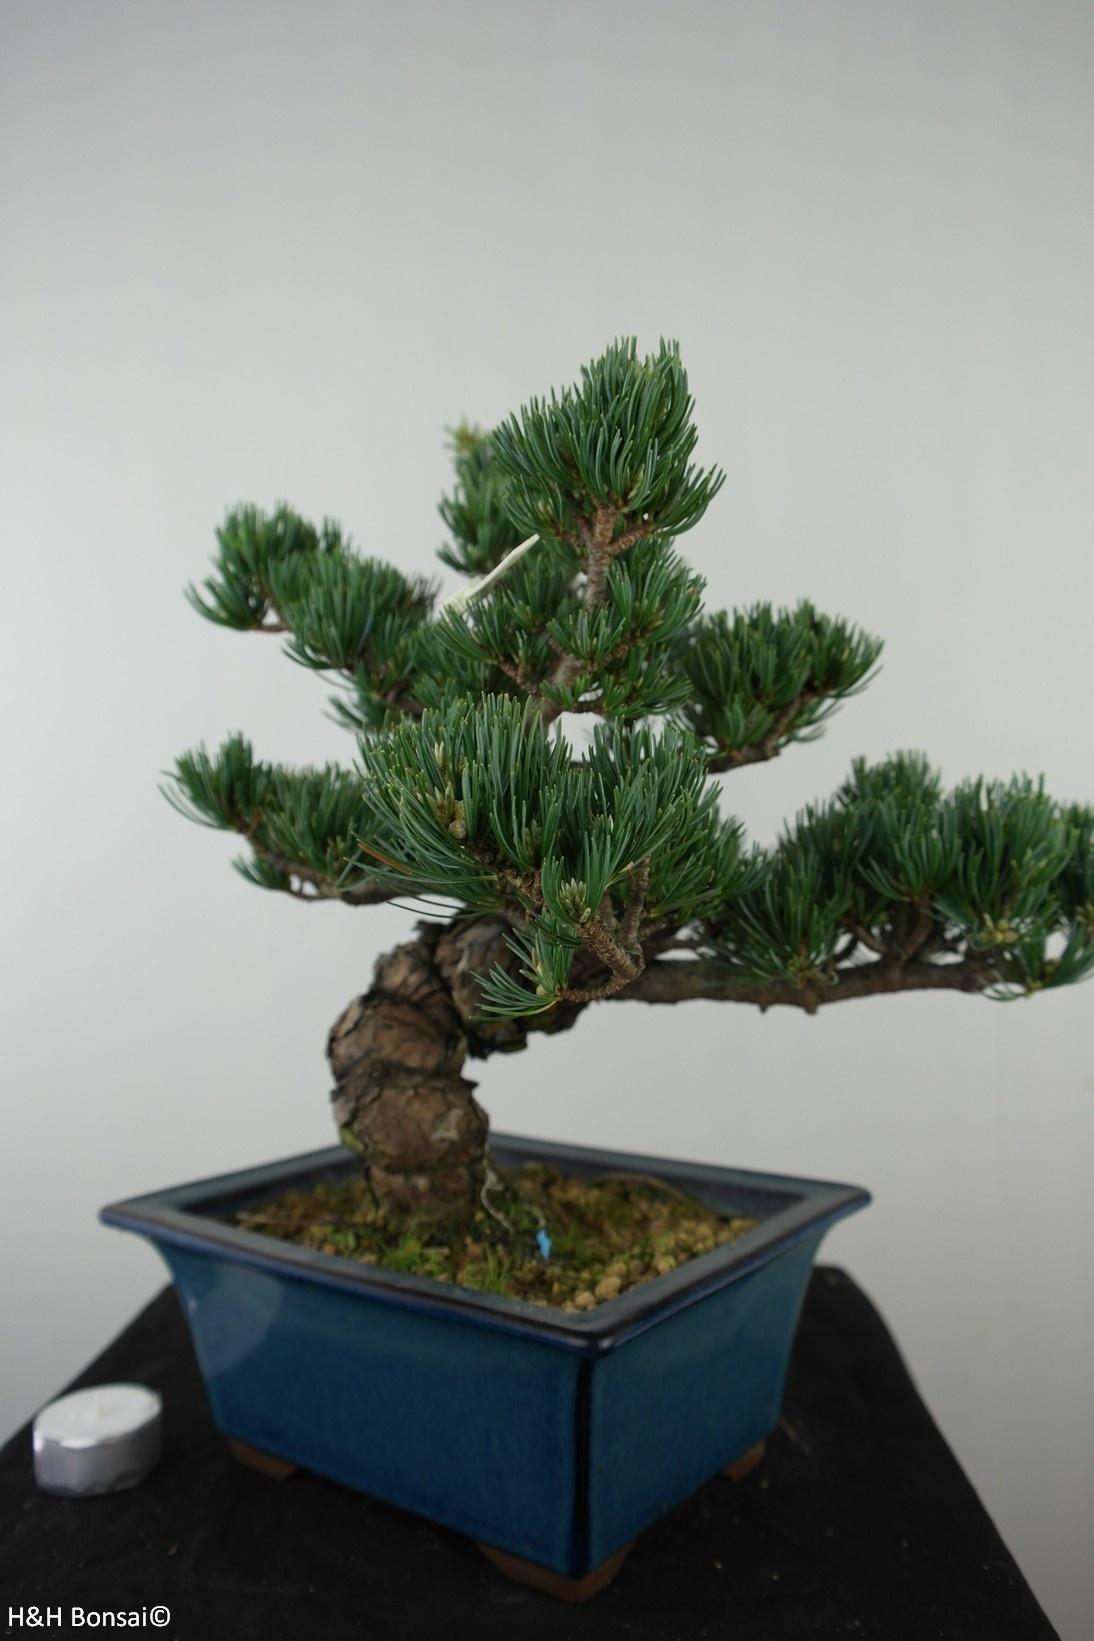 Bonsai Japanese White Pine, Pinus pentaphylla, no. 7811